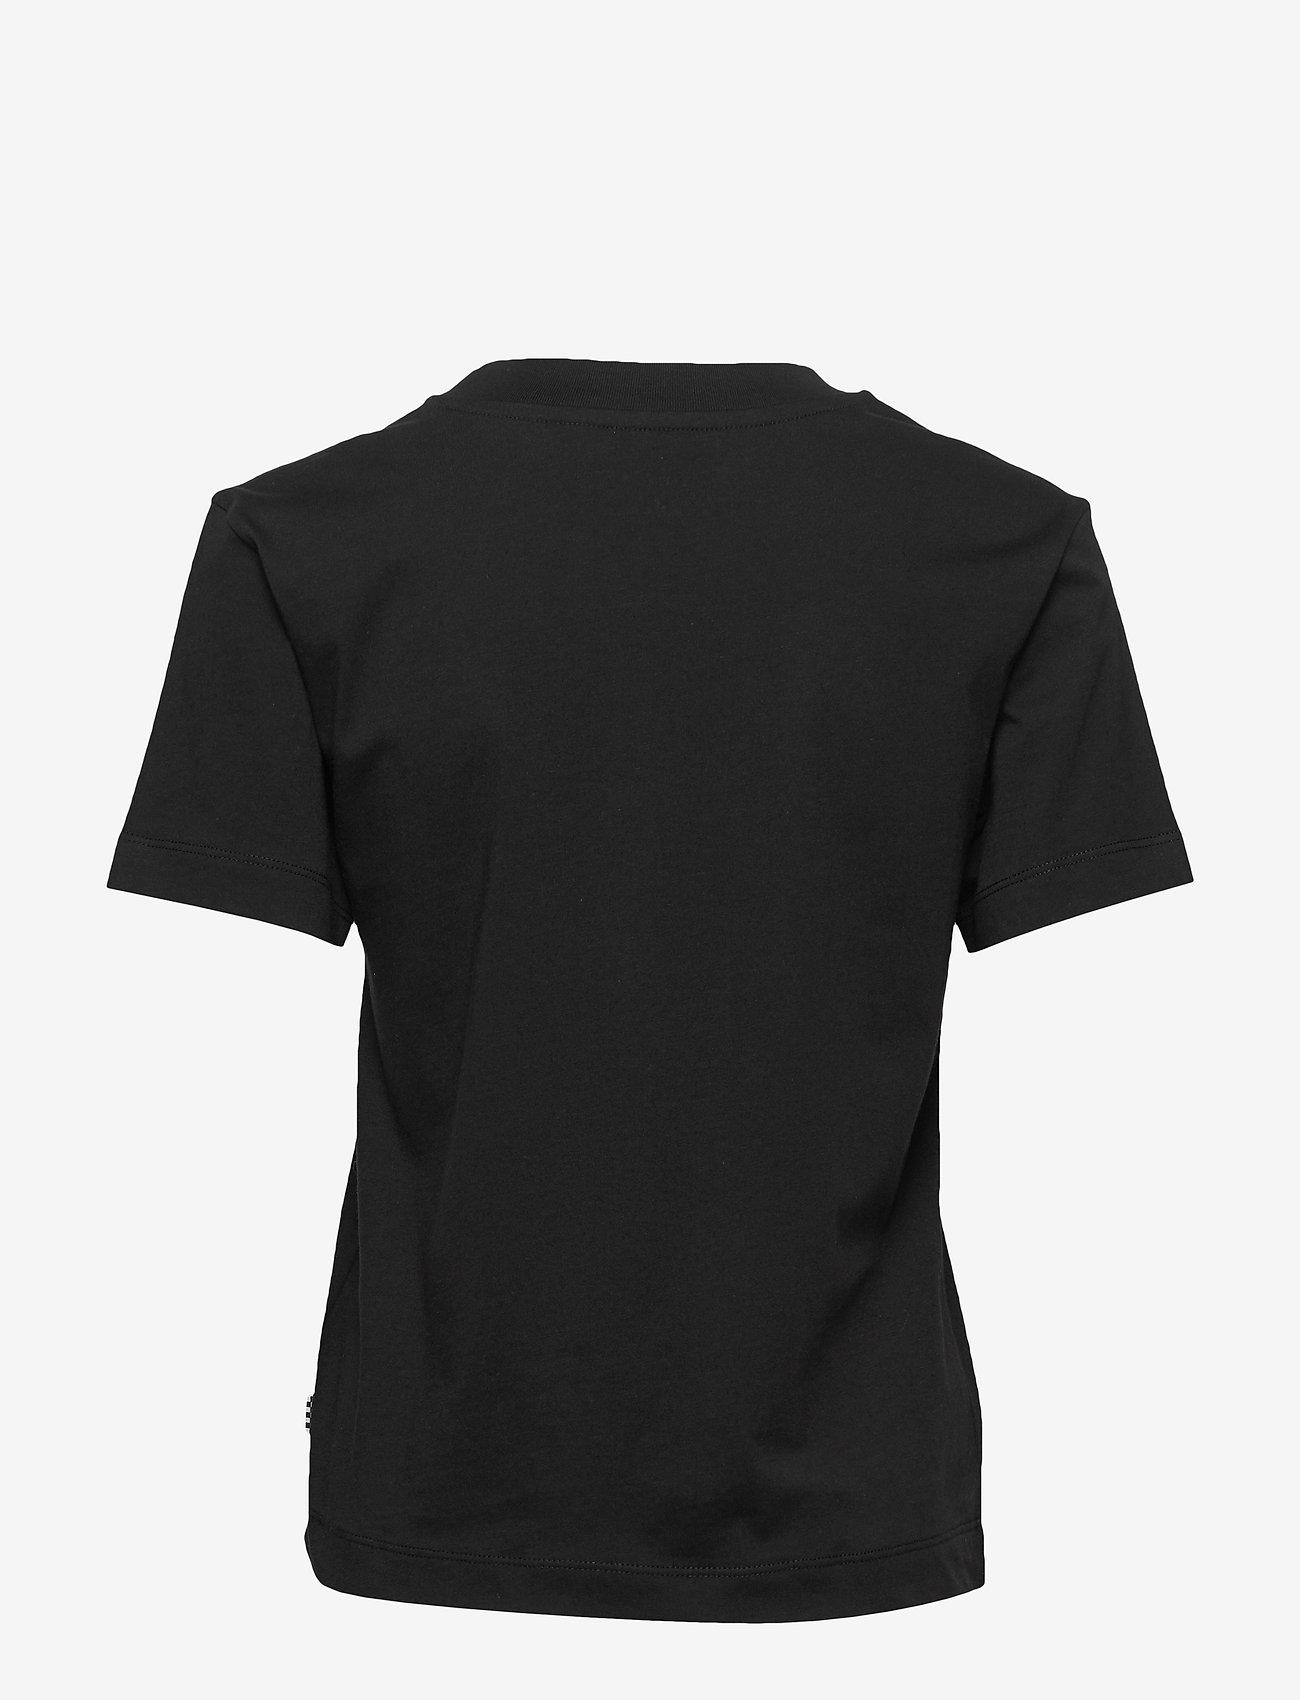 VANS - JUNIOR V BOXY - sportieve tops - black - 1